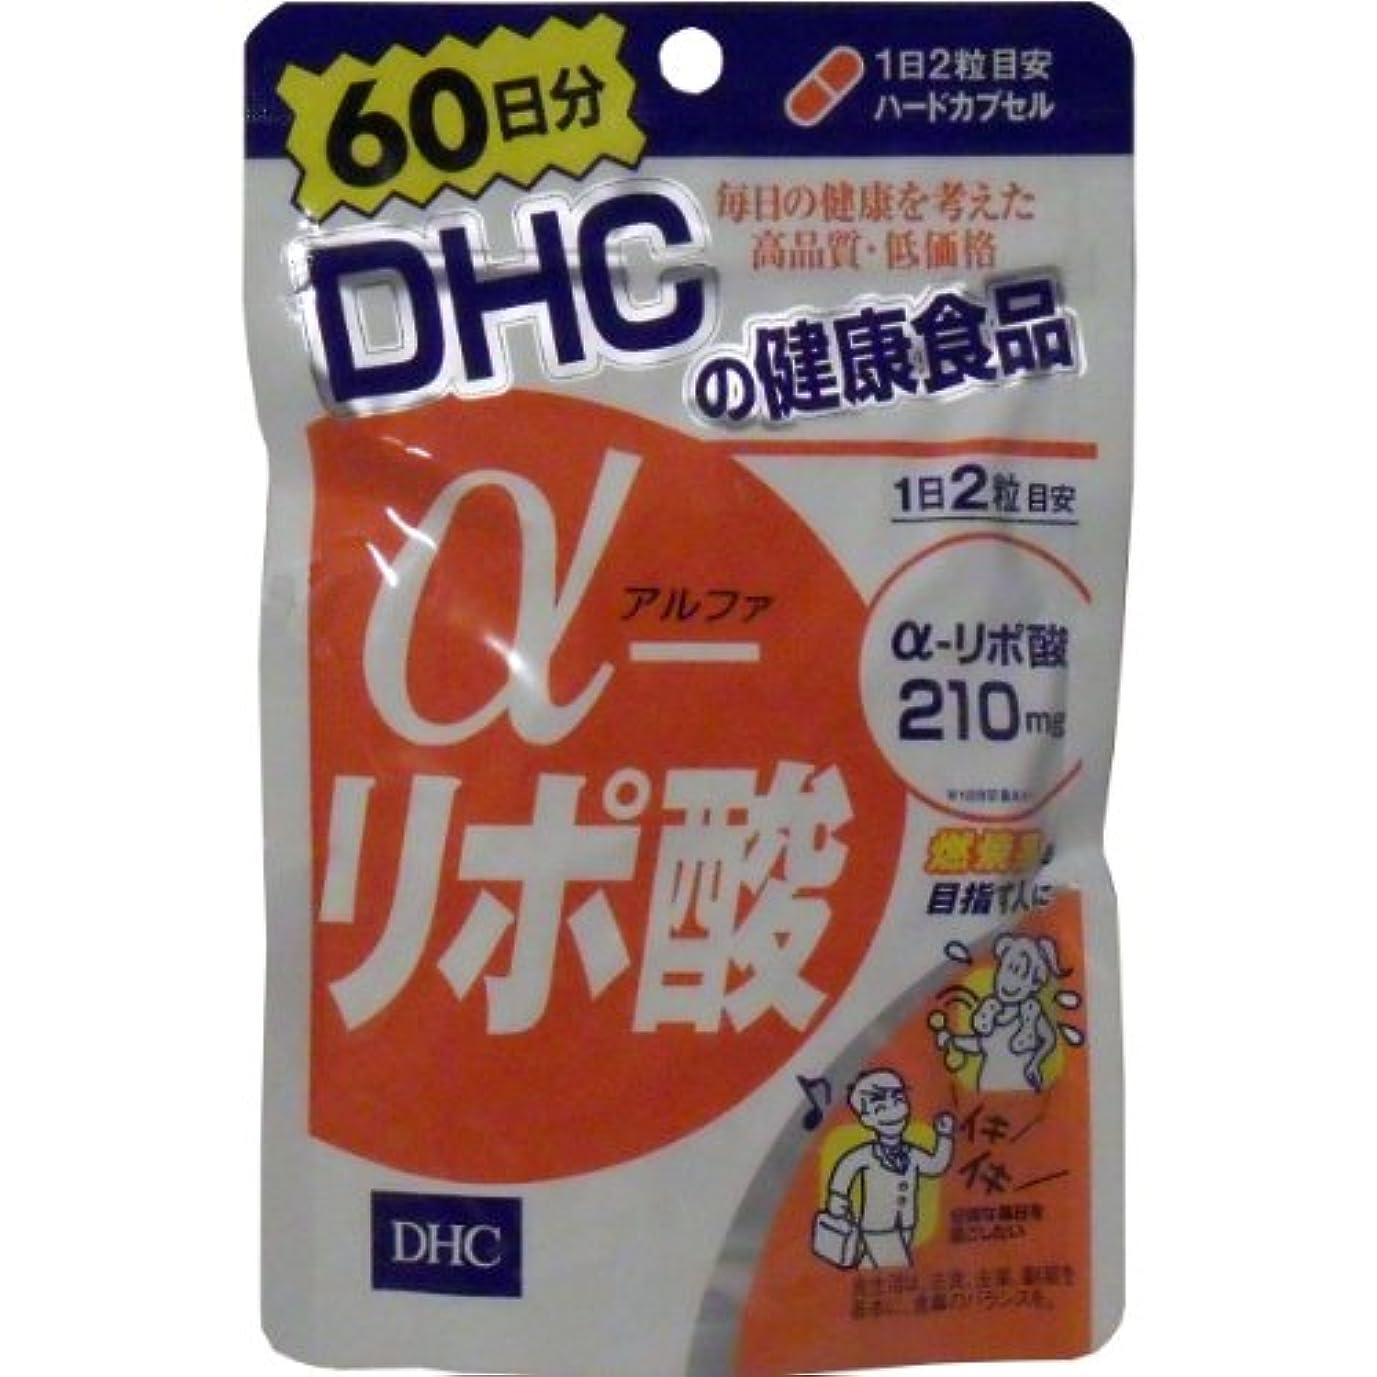 廃止するテント主要なα-リポ酸は、もともと体内にあるエネルギー活性成分。サプリメントでの効率的な補給がおすすめ!DHC120粒 60日分 【2個セット】